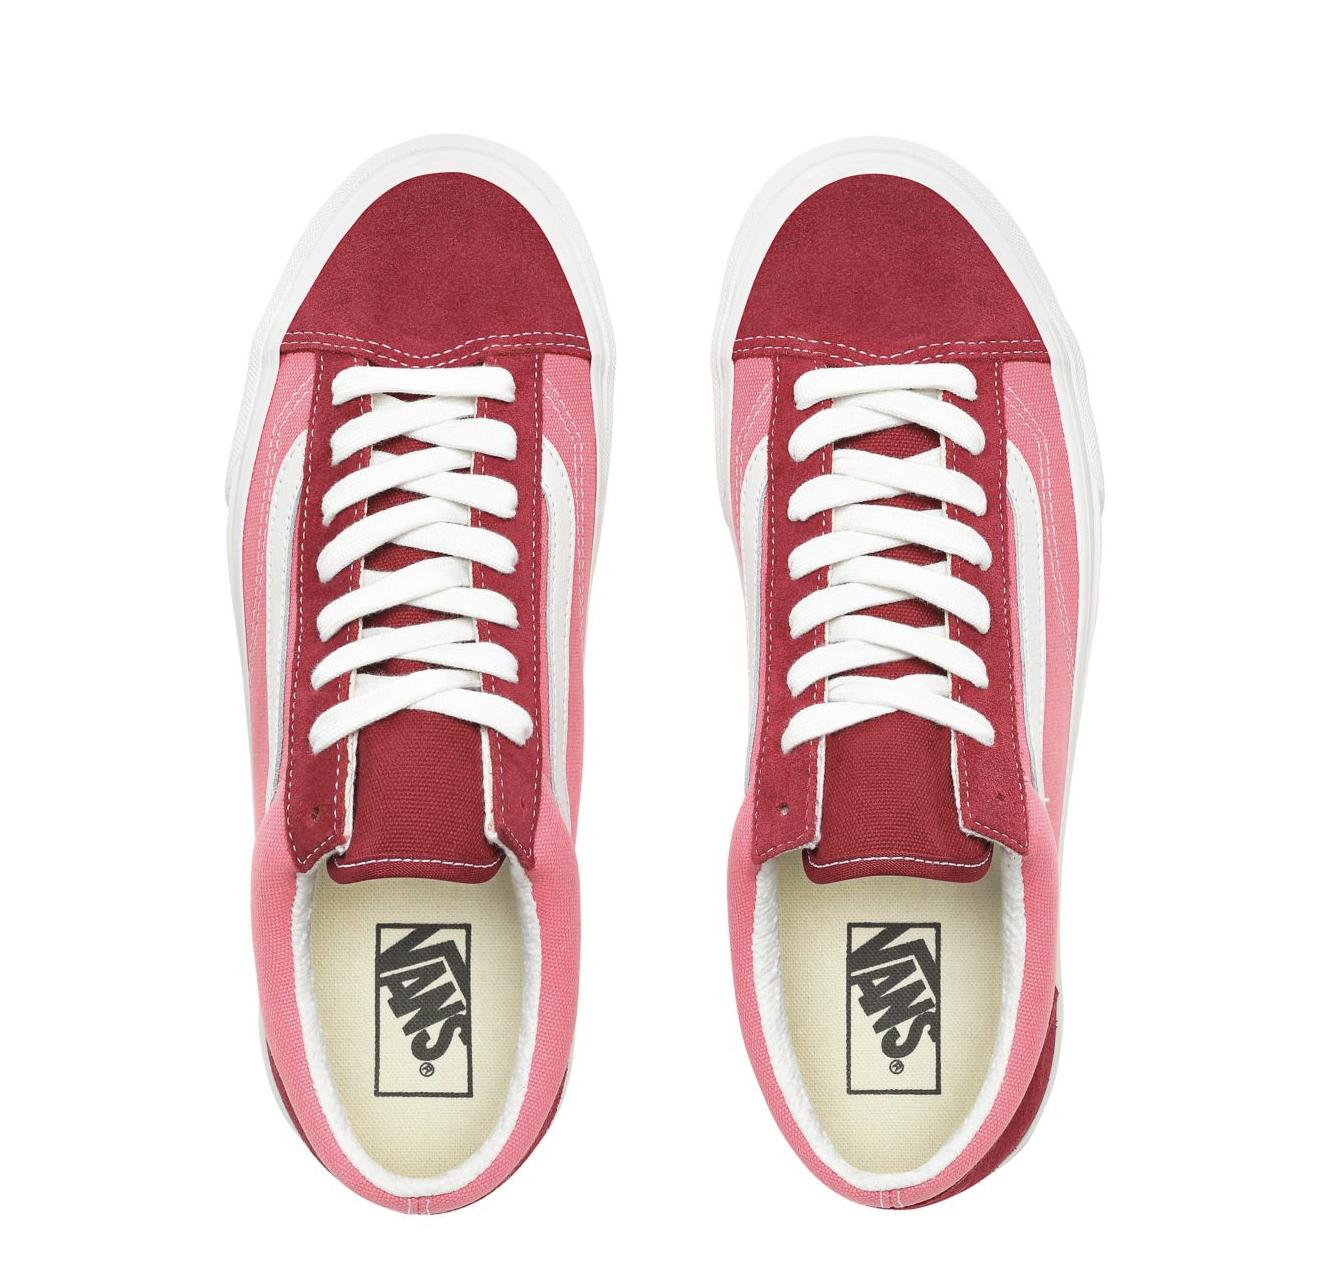 VANS VANS Style 36 (Vintage Sport) Rumba Red